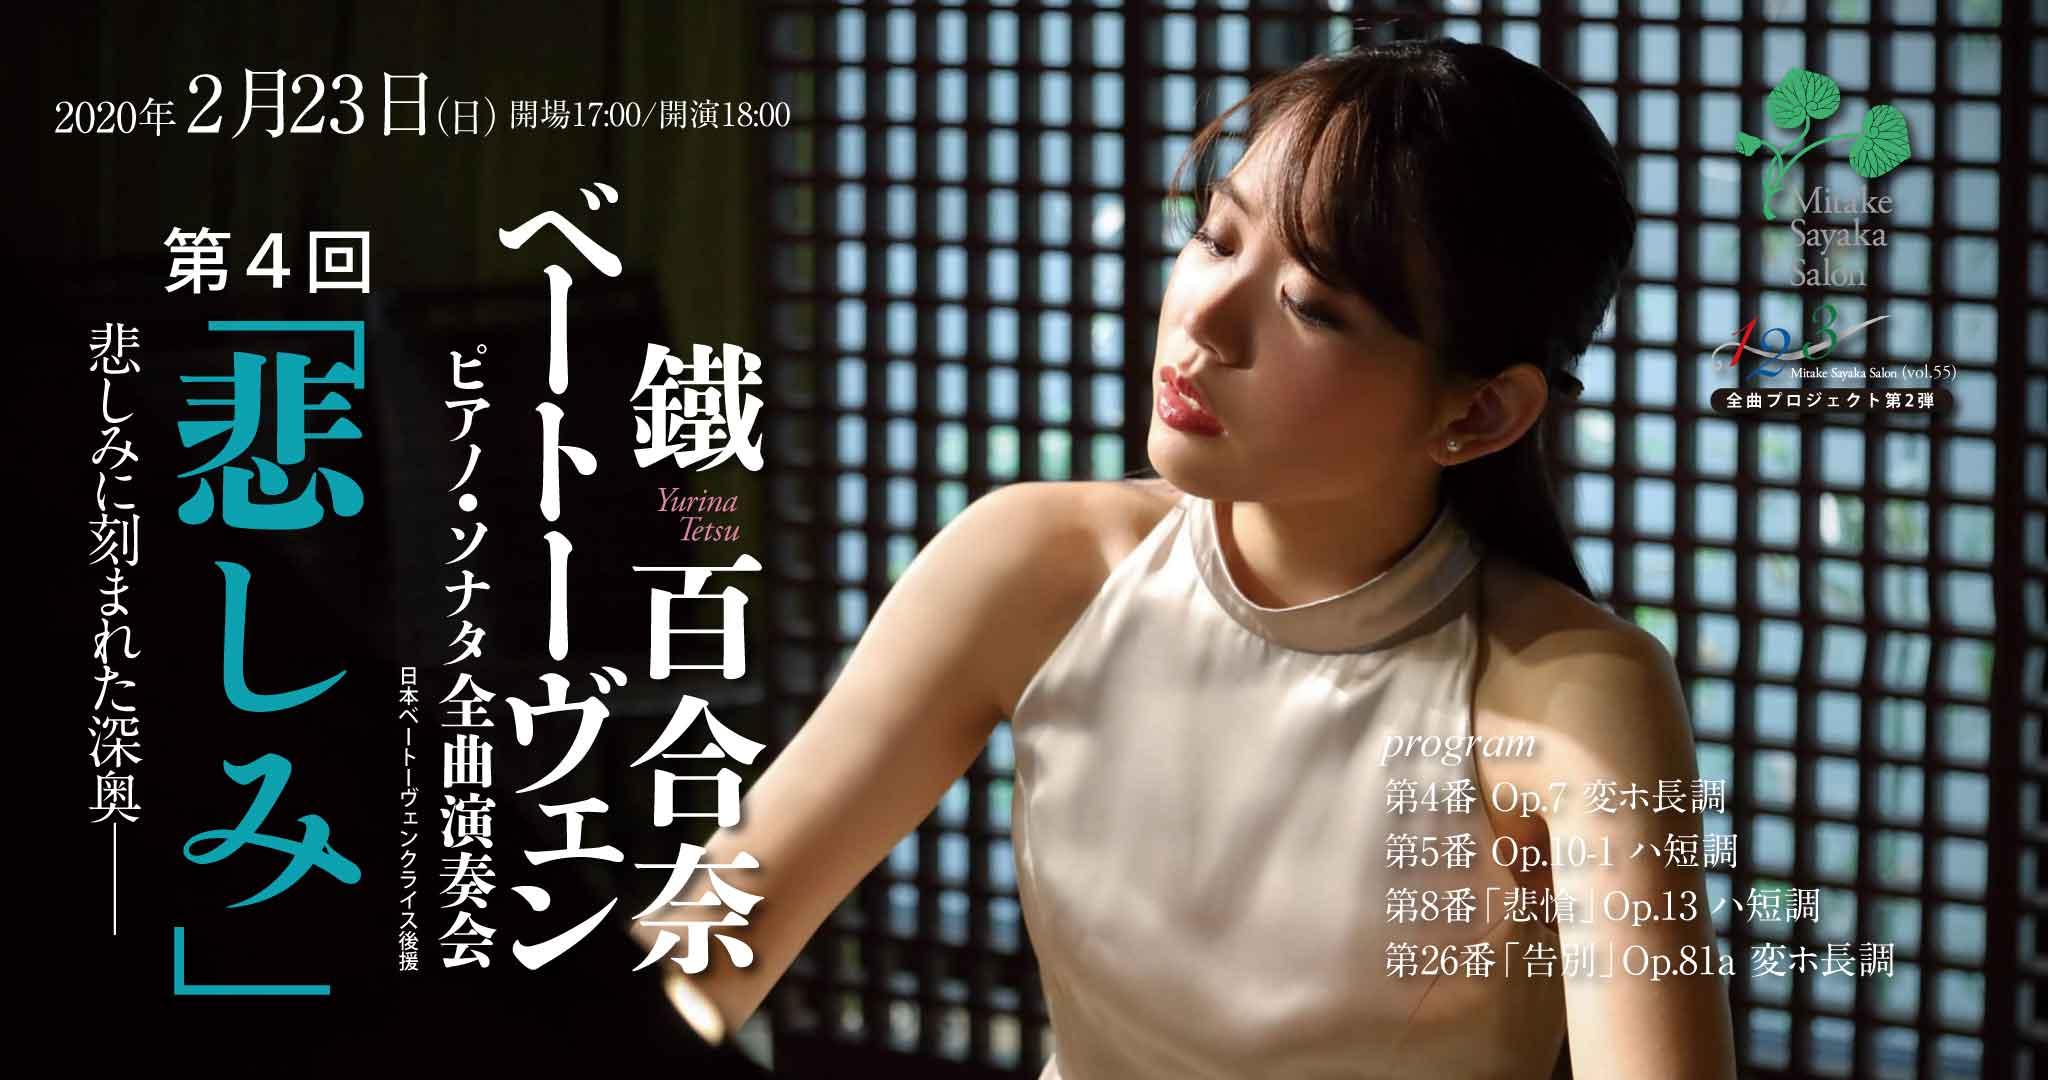 【完売】鐵百合奈ベートーヴェン ピアノ・ソナタ全曲演奏会<第4回>「悲しみ」